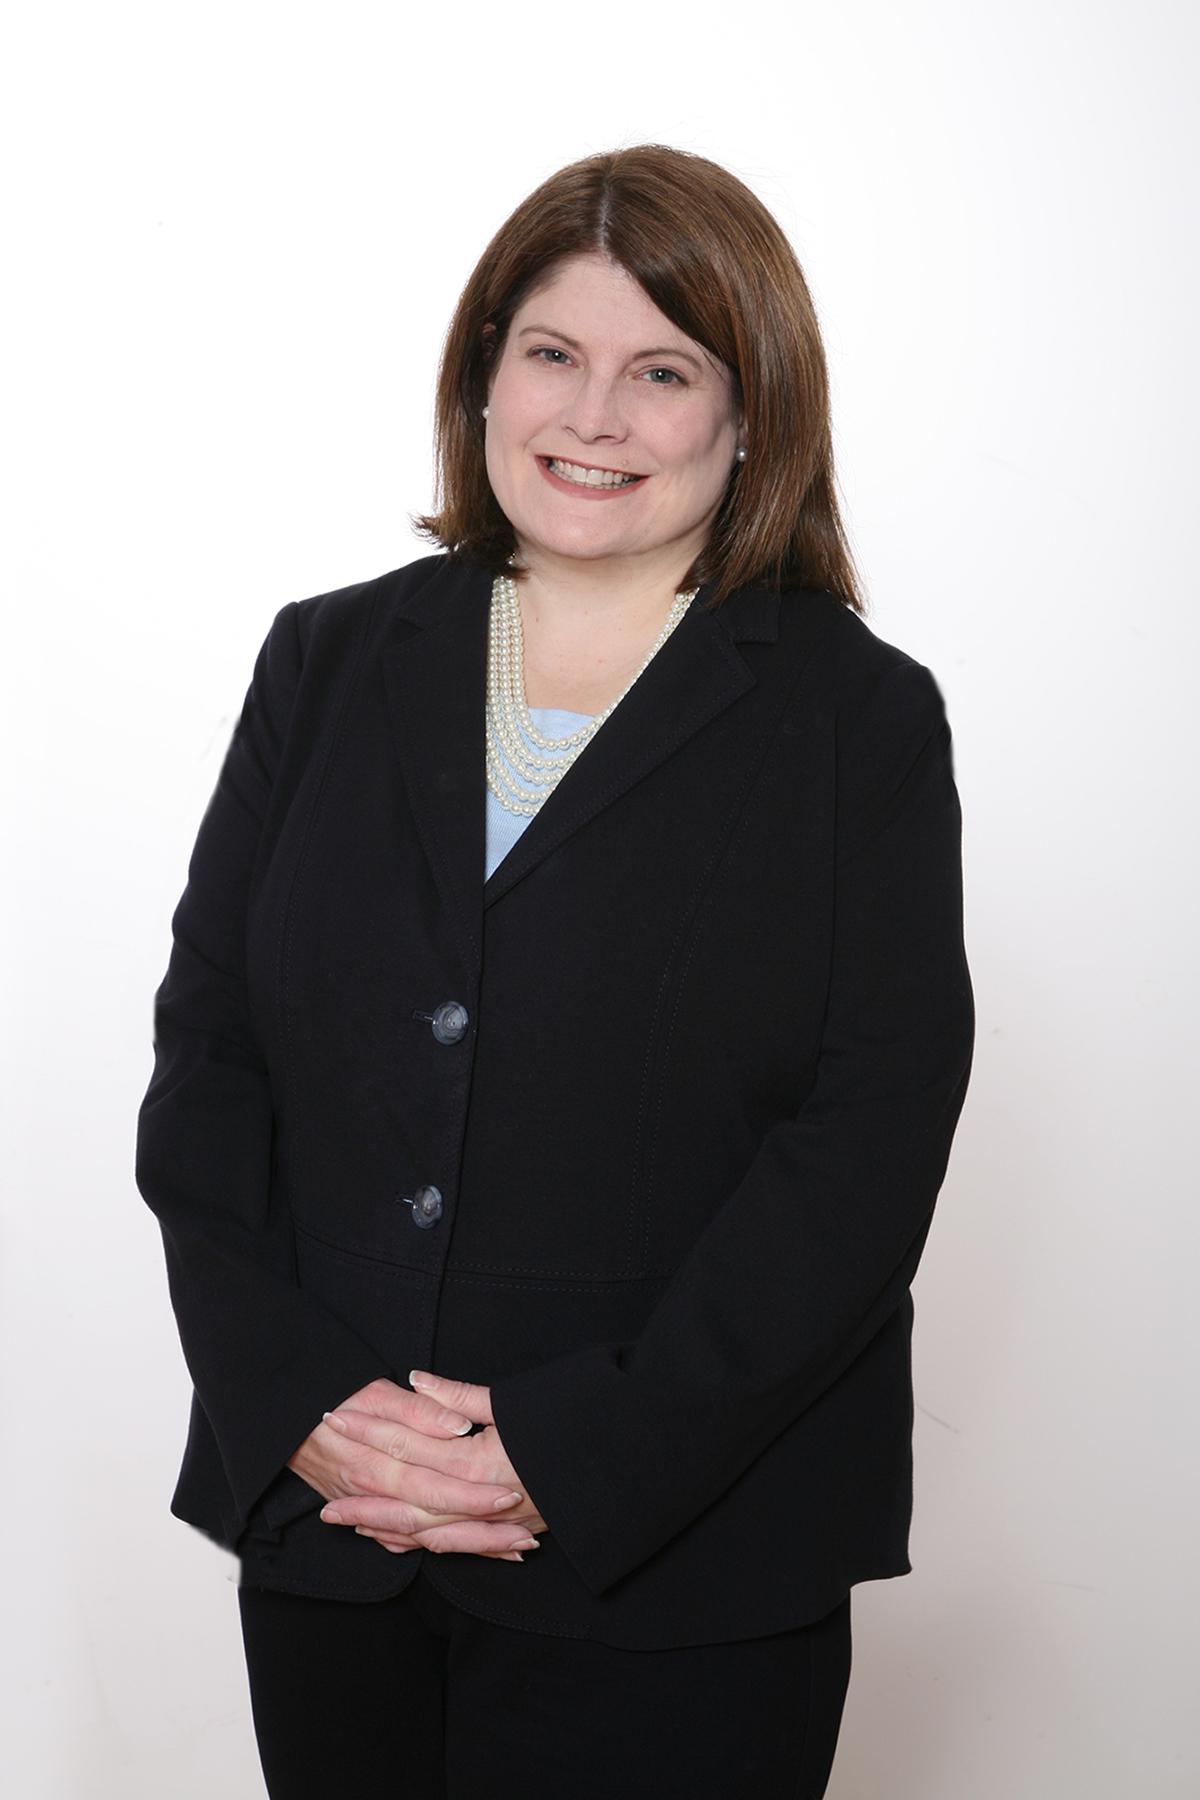 Julie Pape